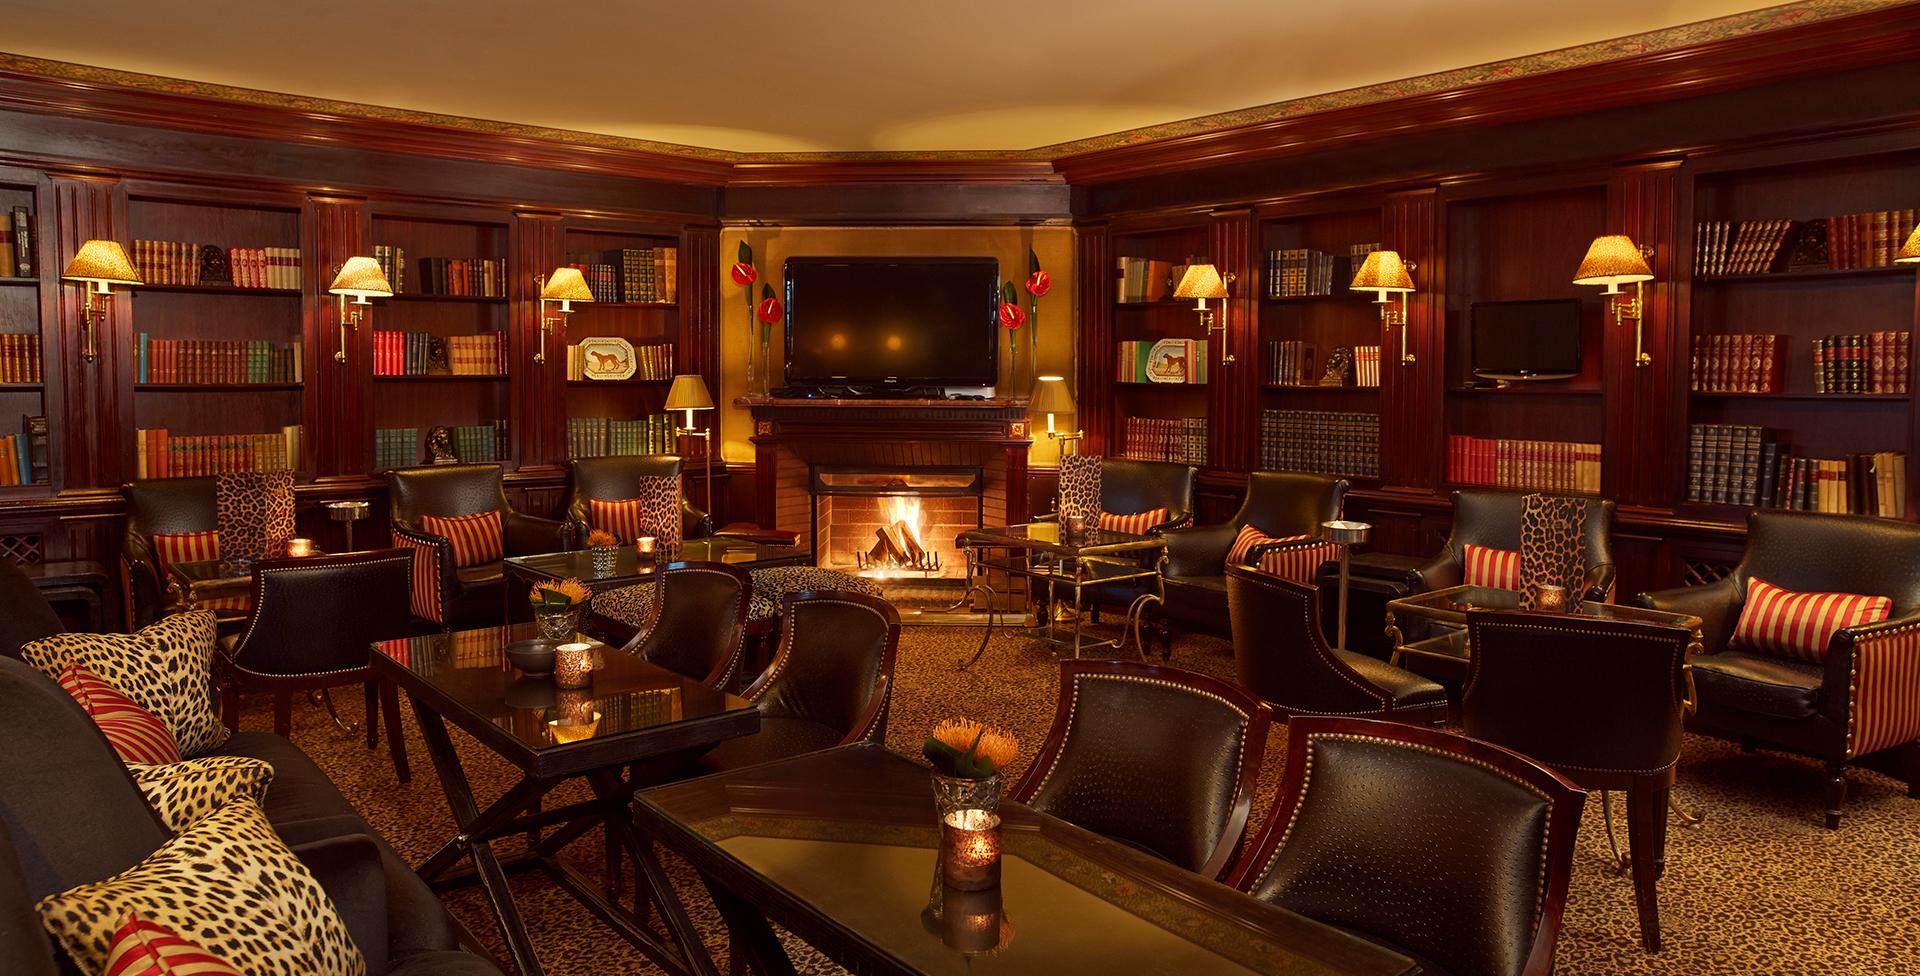 Leopard Bar - Men's Style Council Place